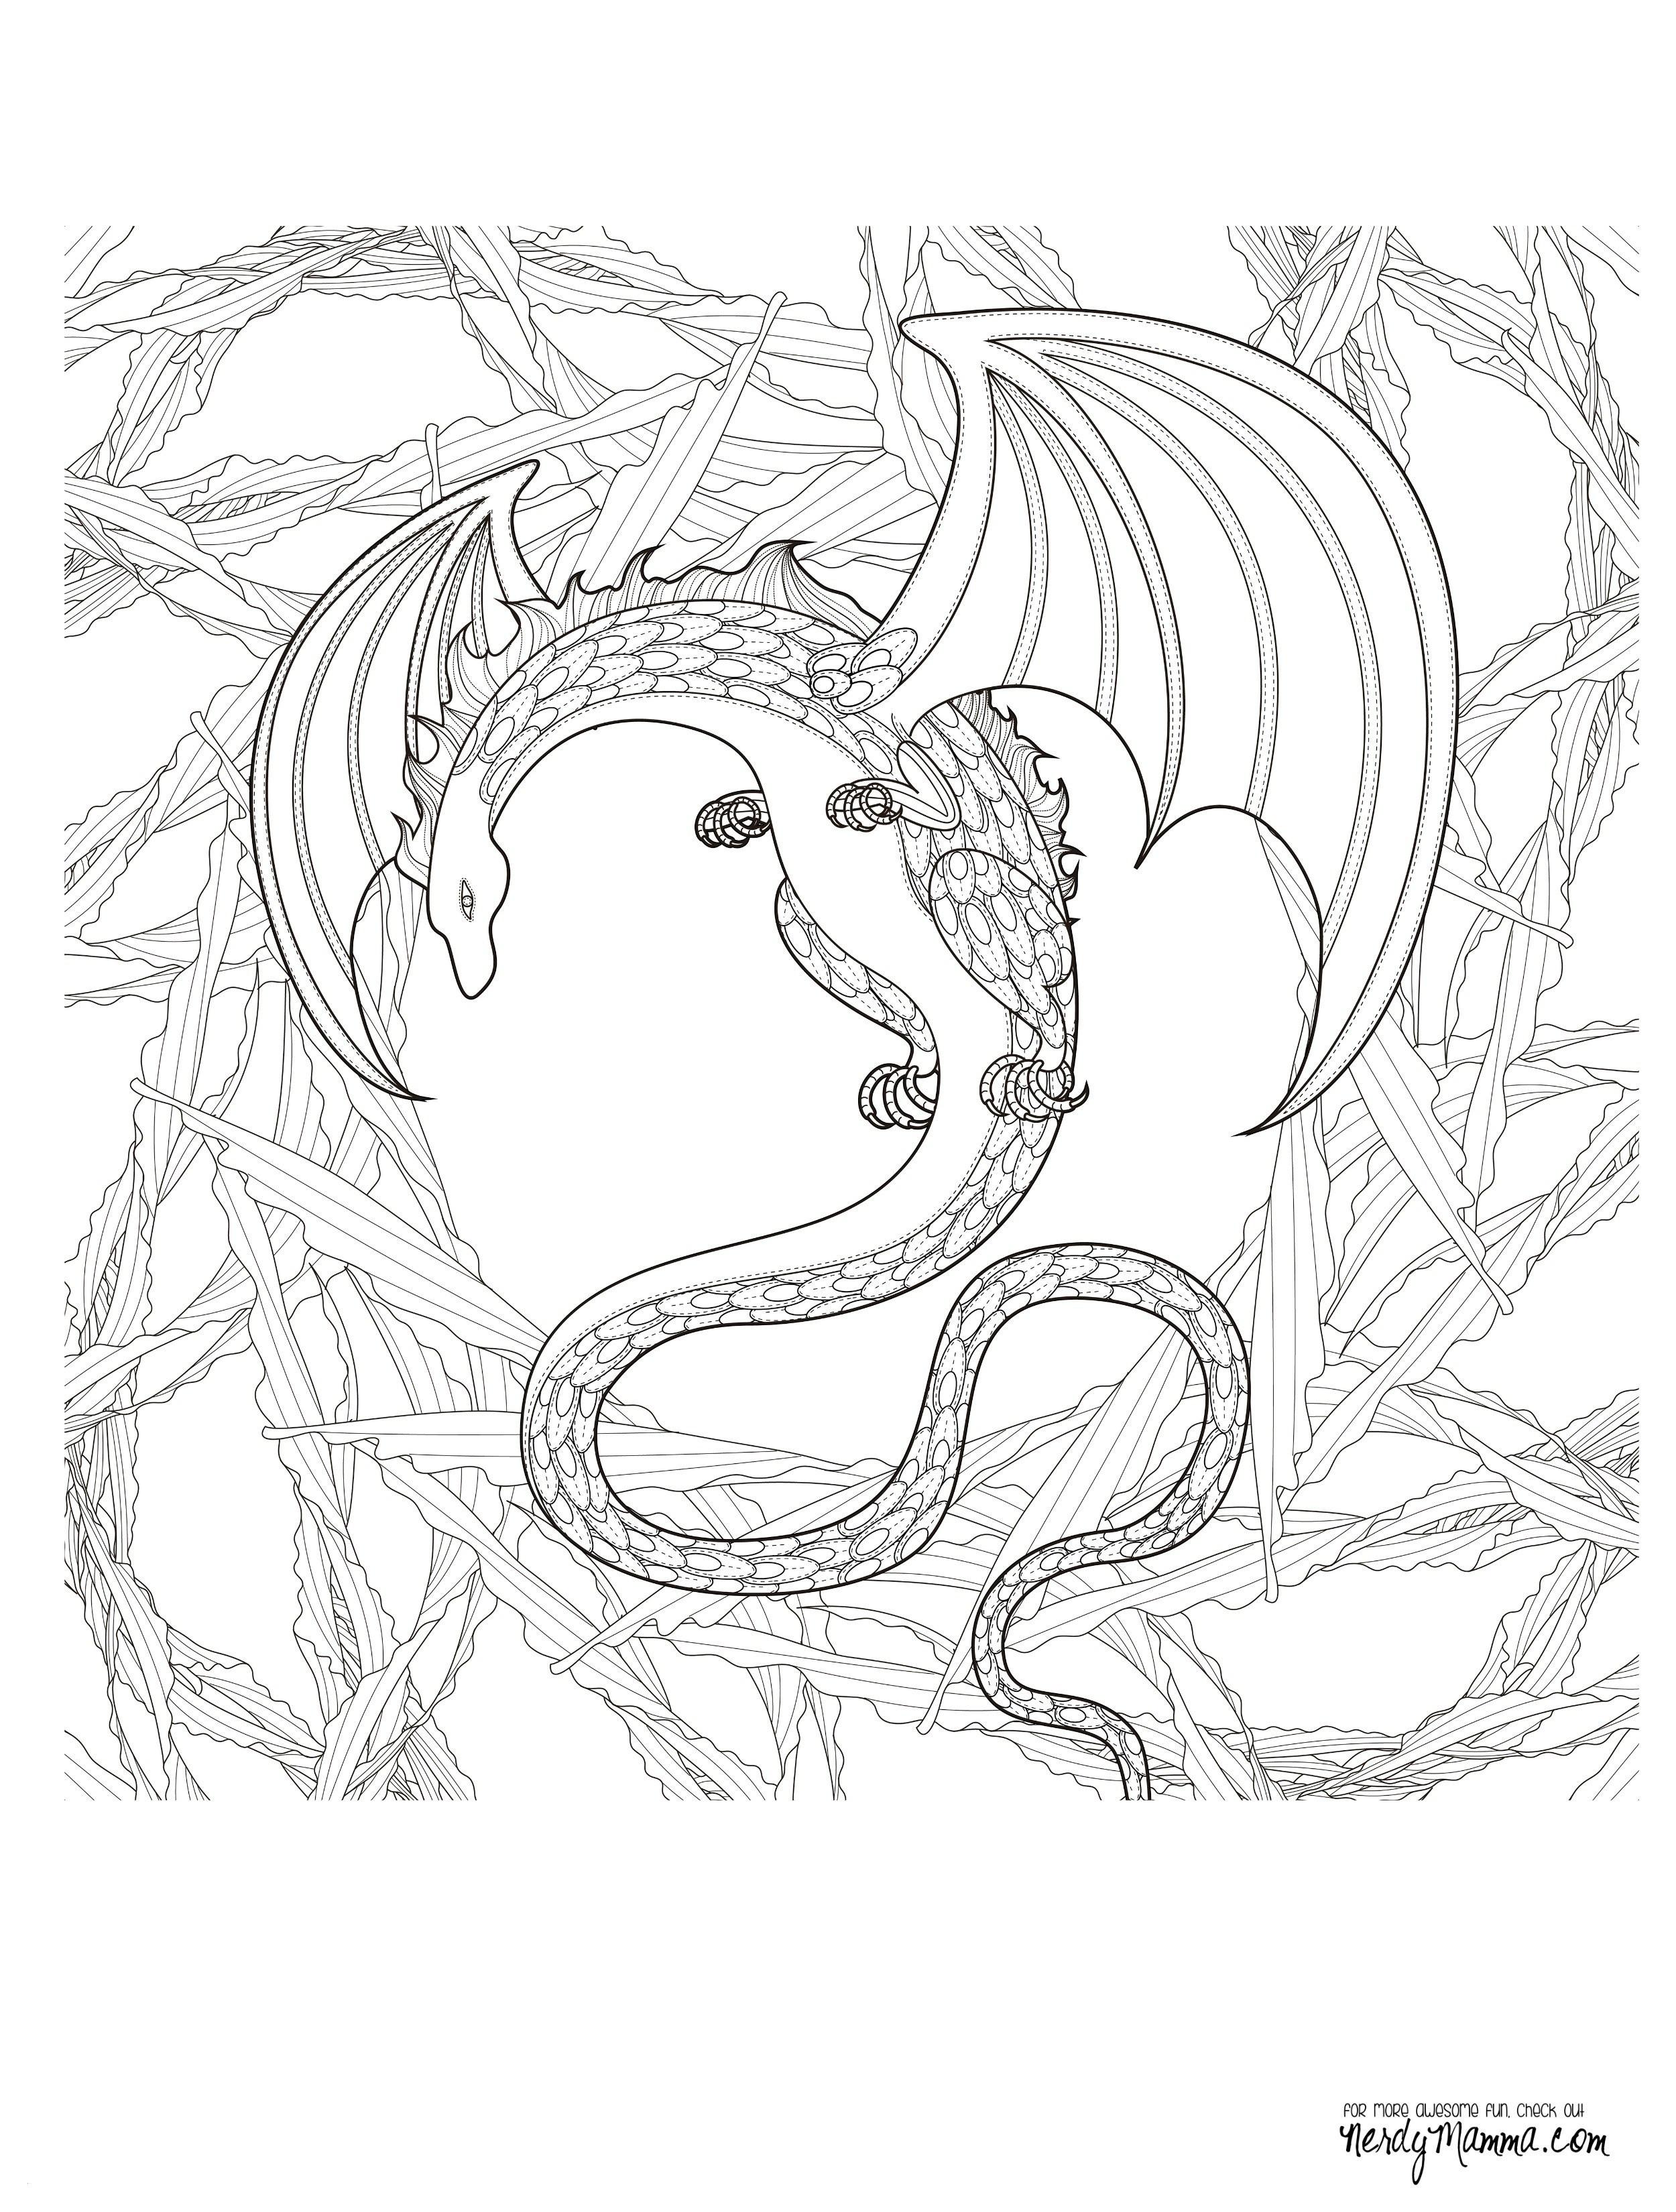 Ausmalbild Mandala Eule Frisch Ausmalbilder Mandala Eule Schön Malvorlagen Für Erwachsene Schön Galerie